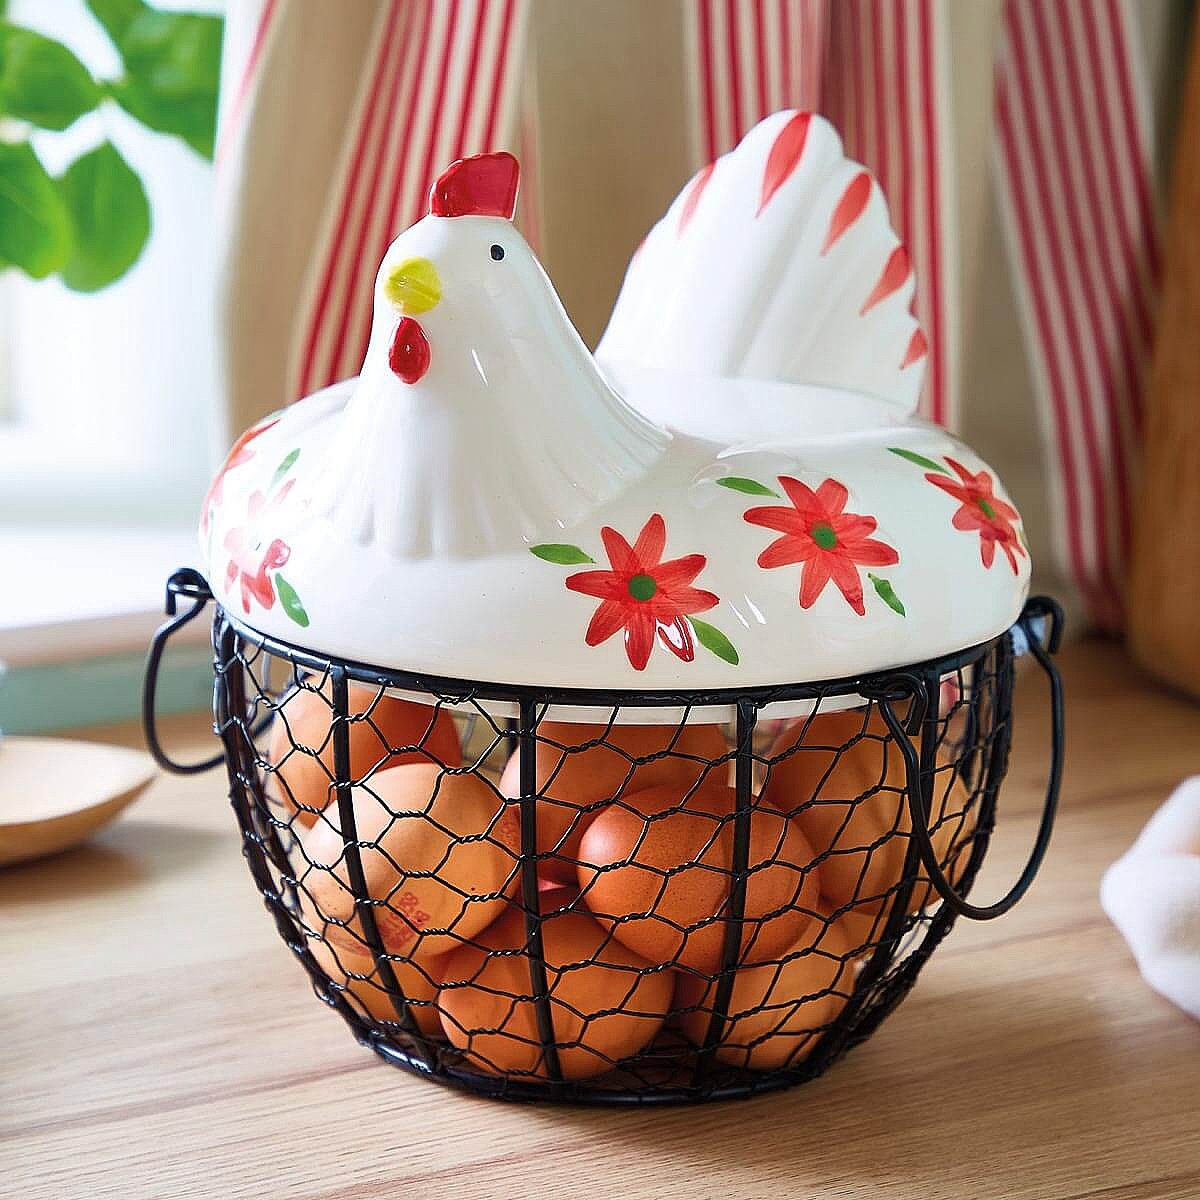 Egg Basket by Coopers of Stortford